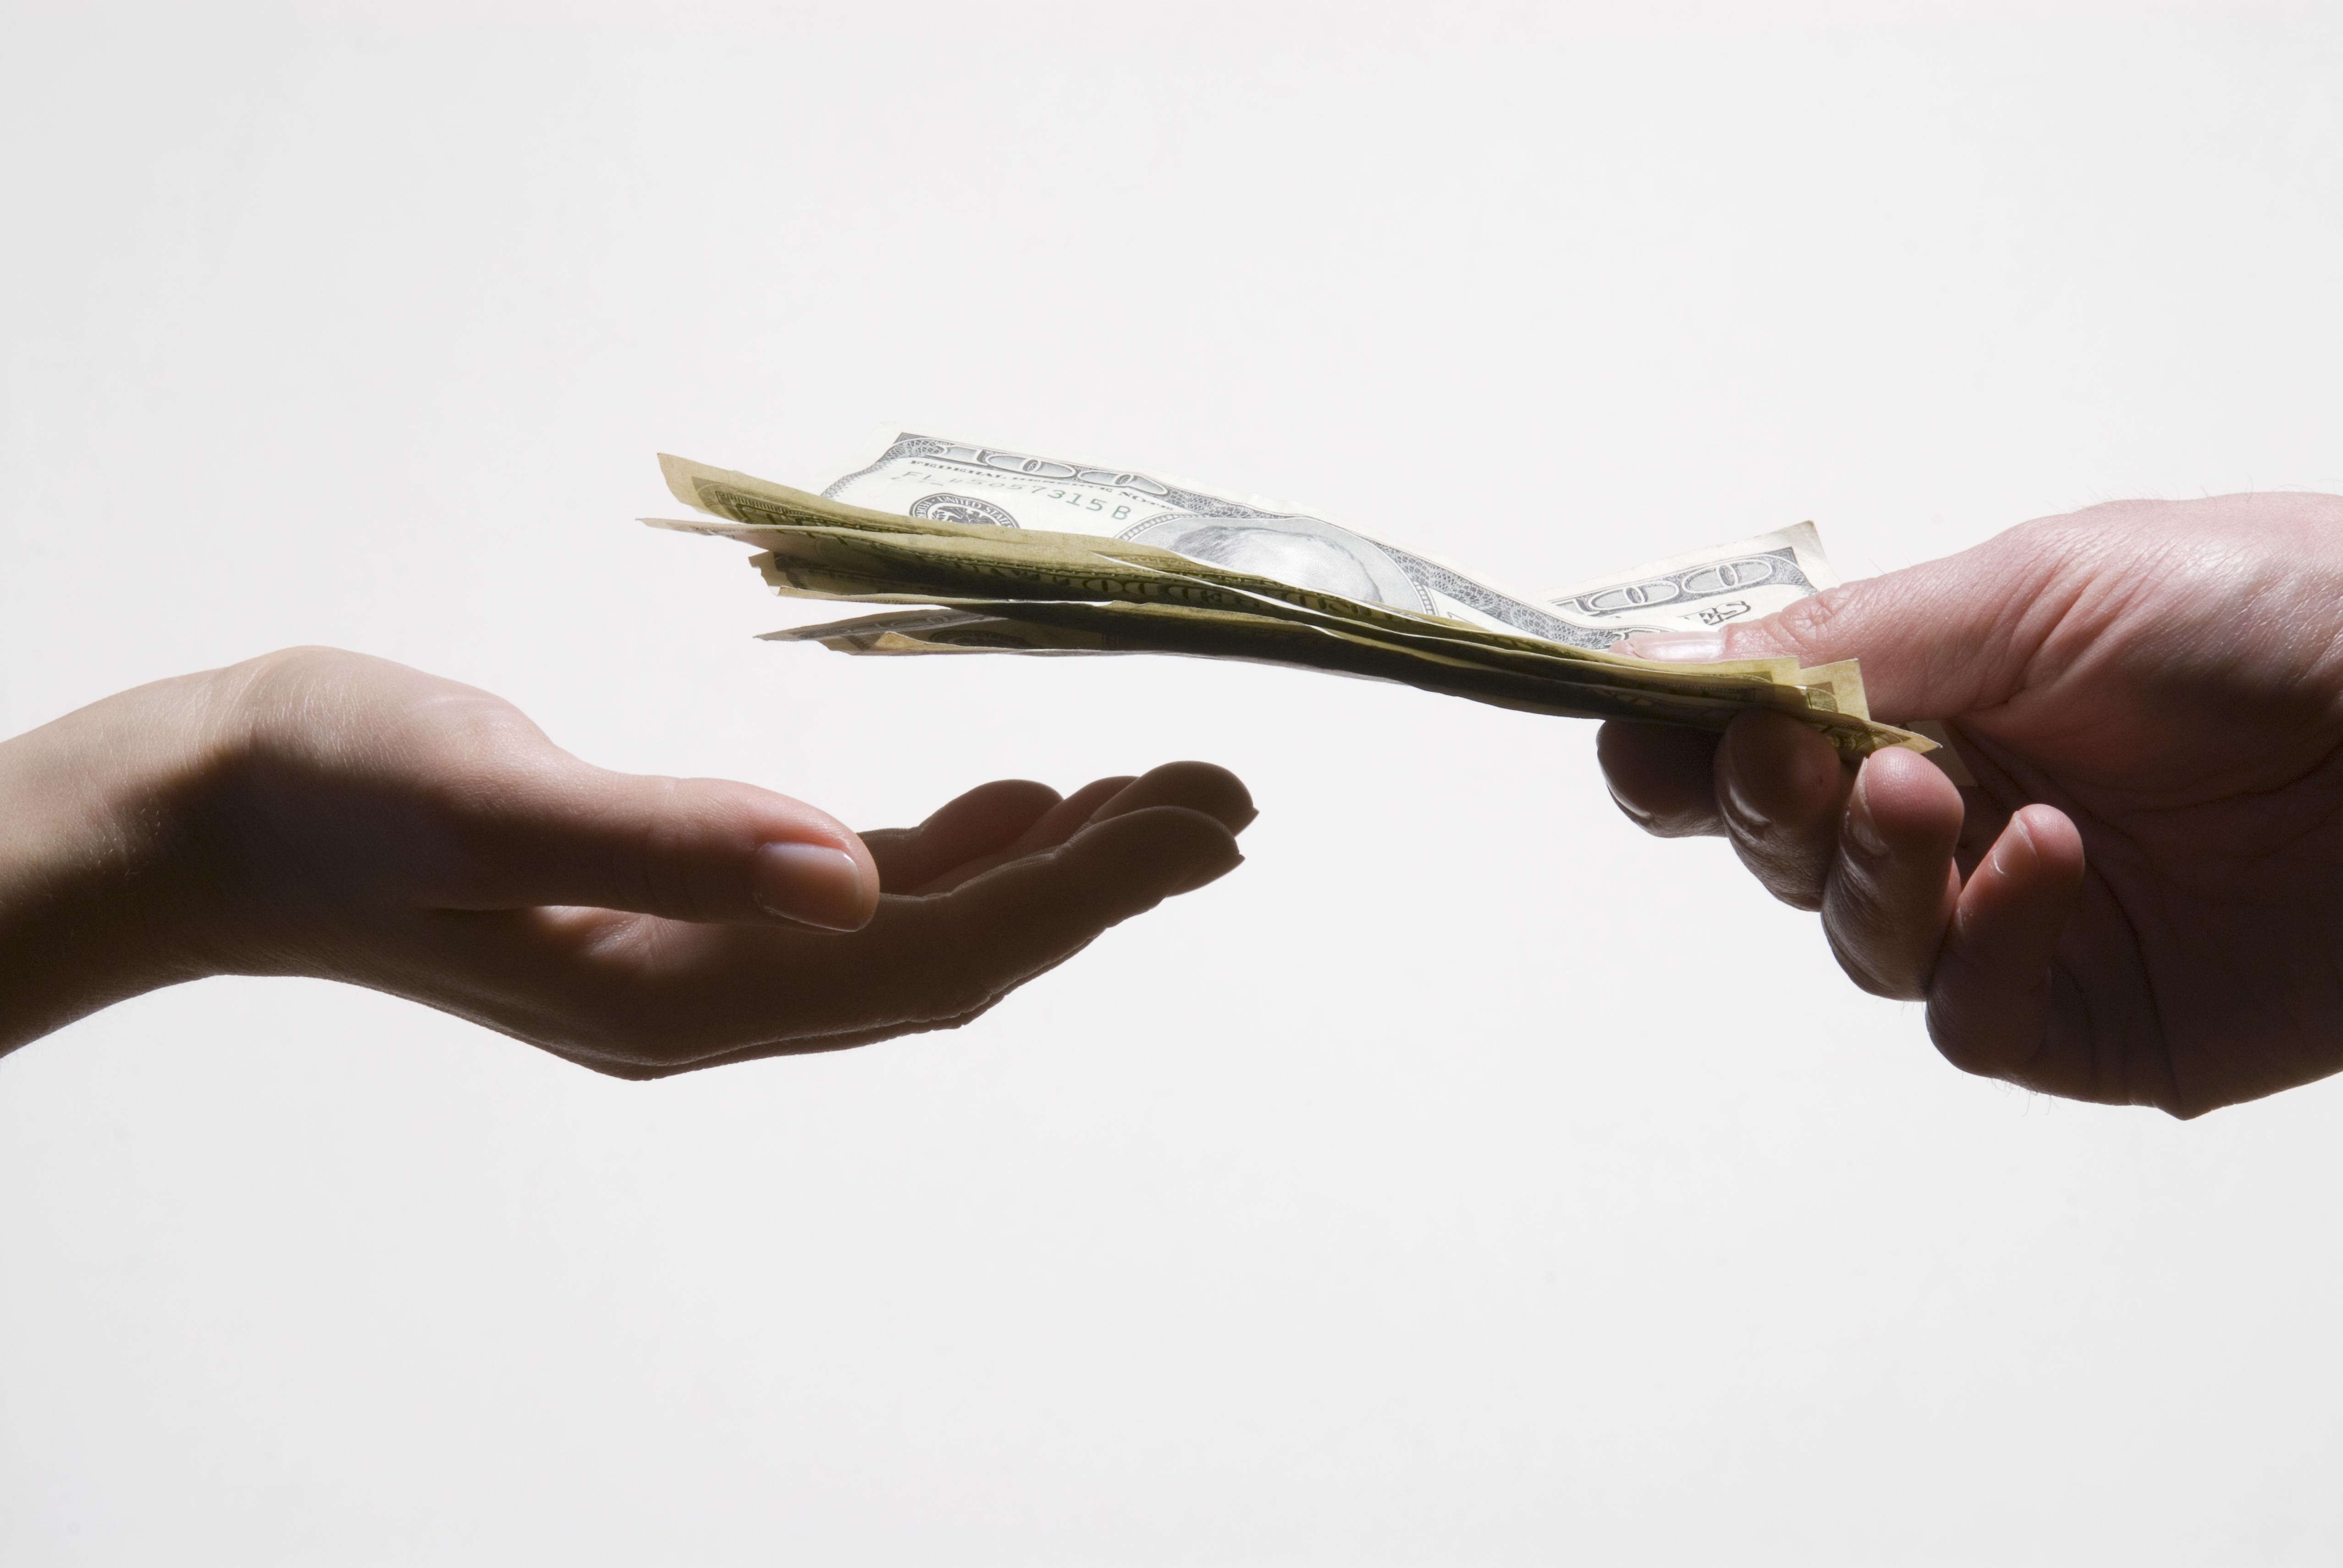 Man handing woman US dollar banknotes, close-up